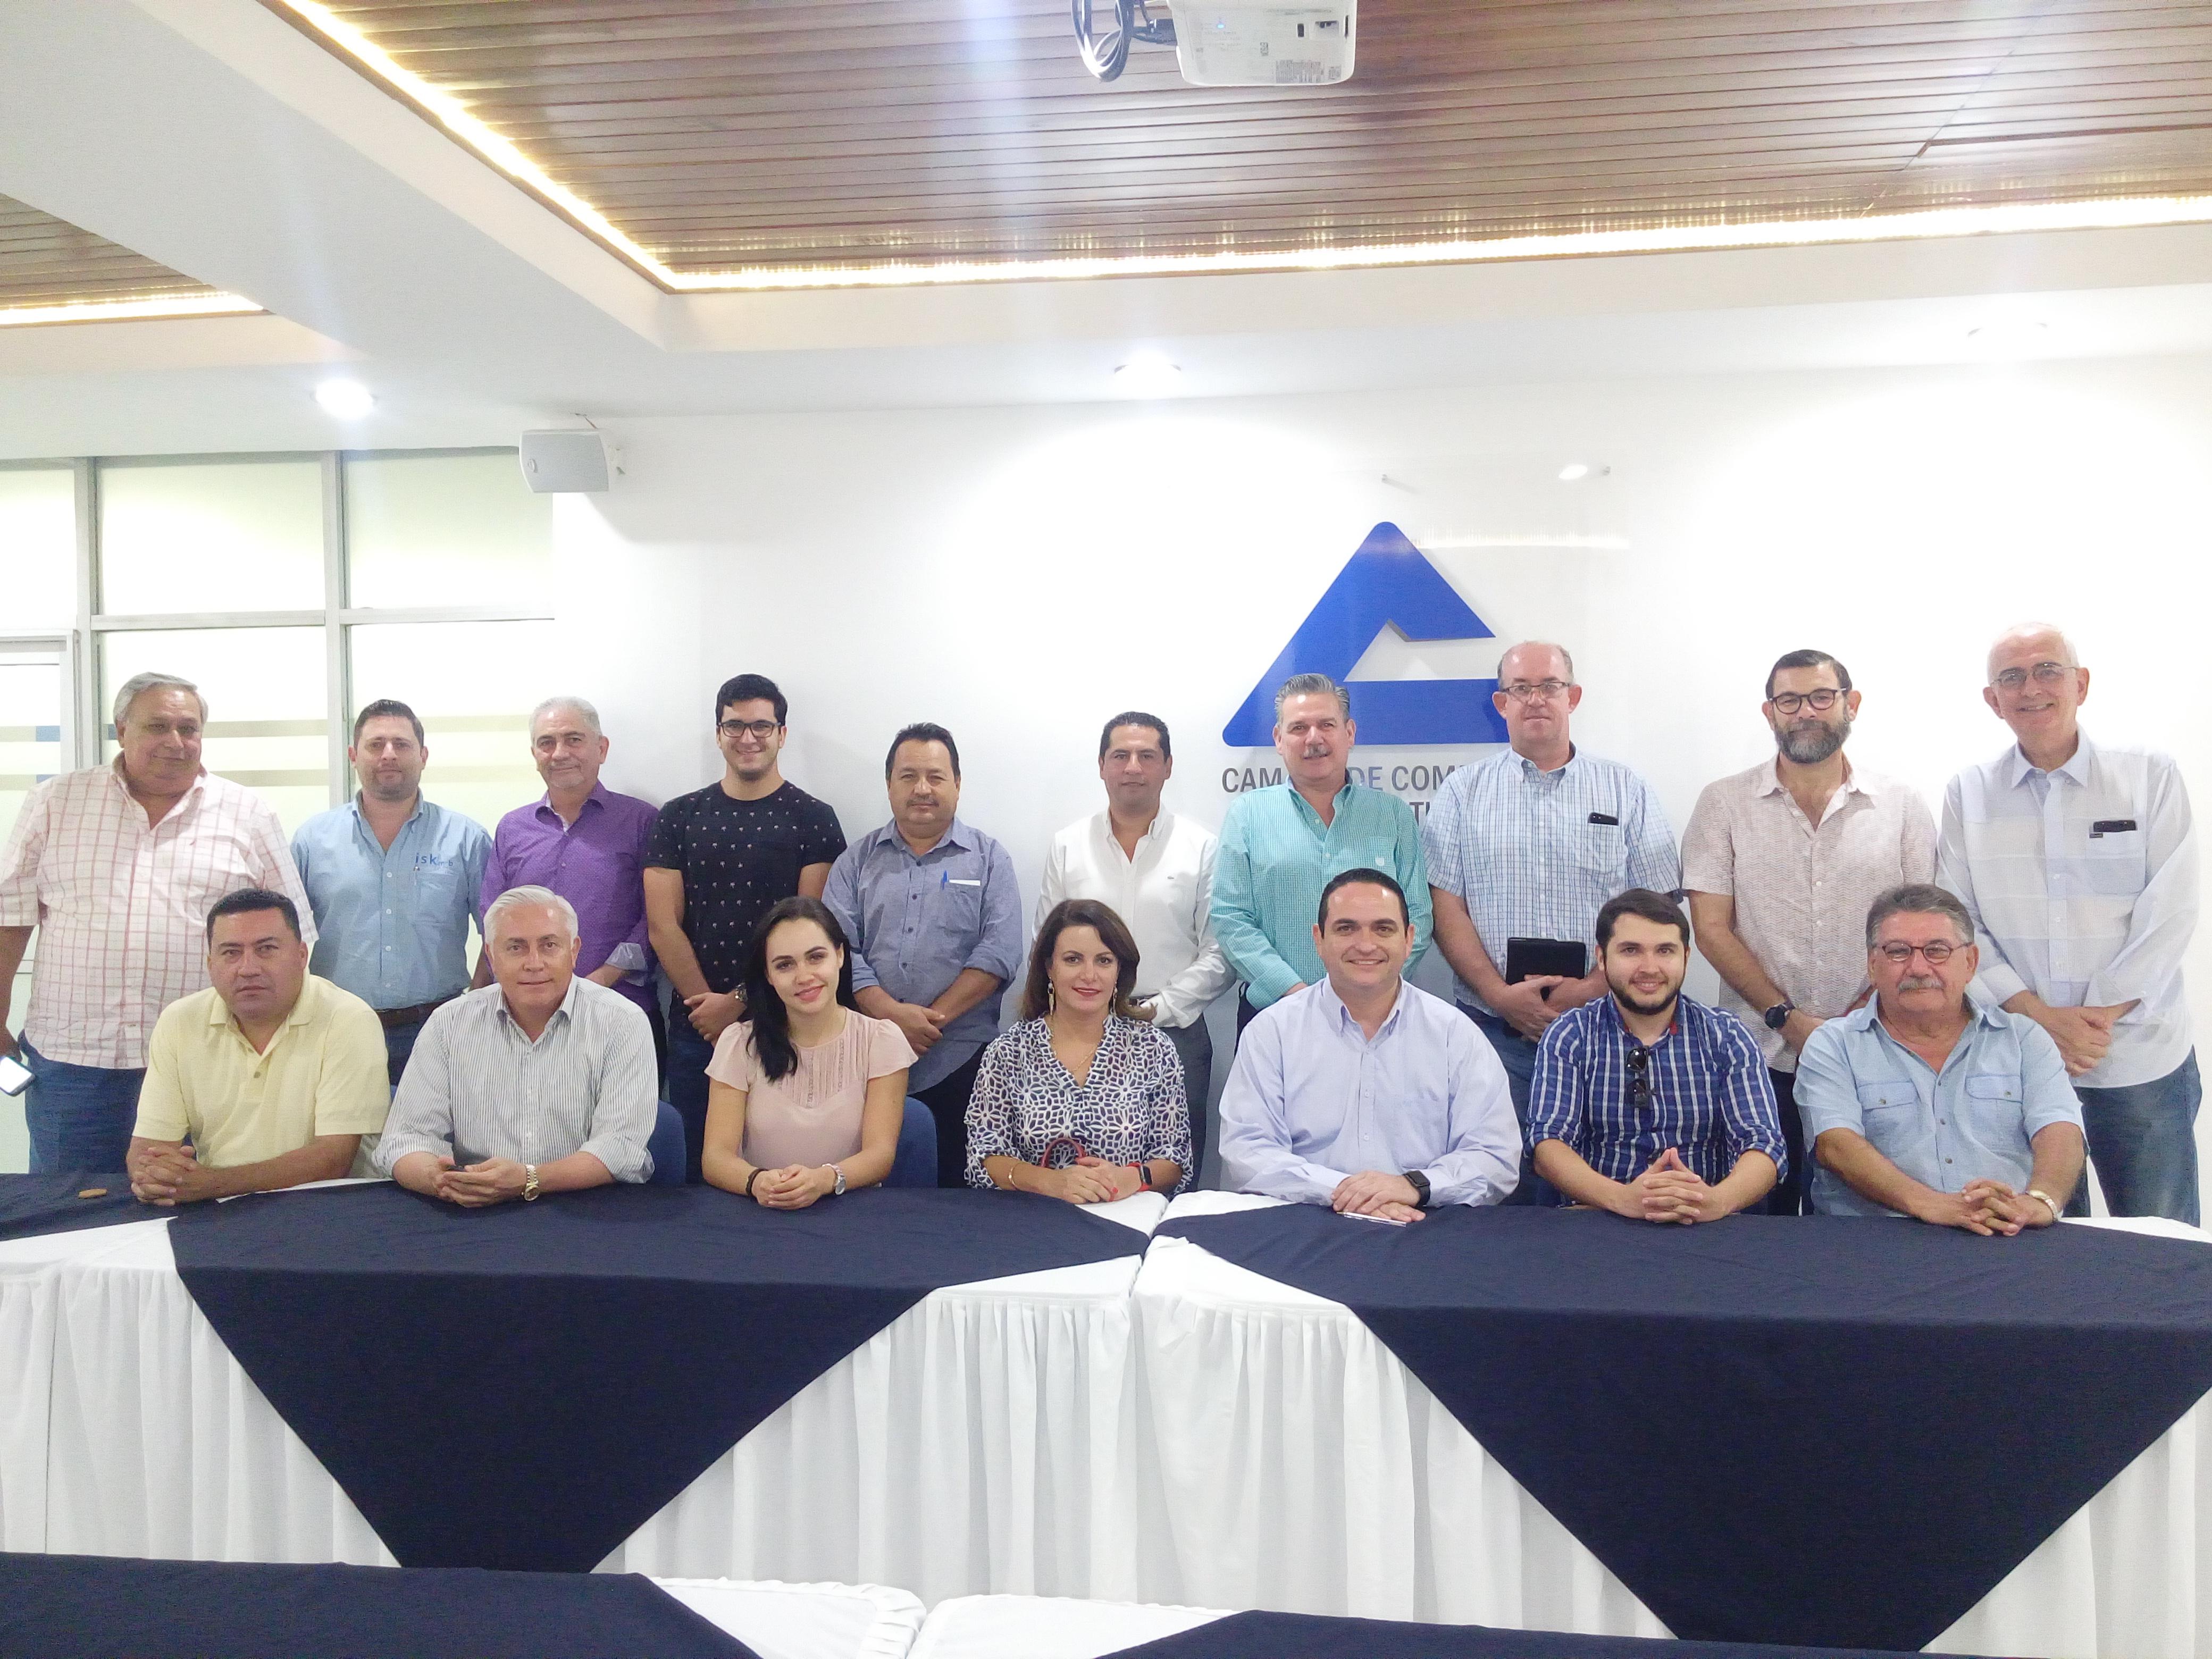 7ma. Reunión Ordinaria de Consejo Directivo 2018-2019.